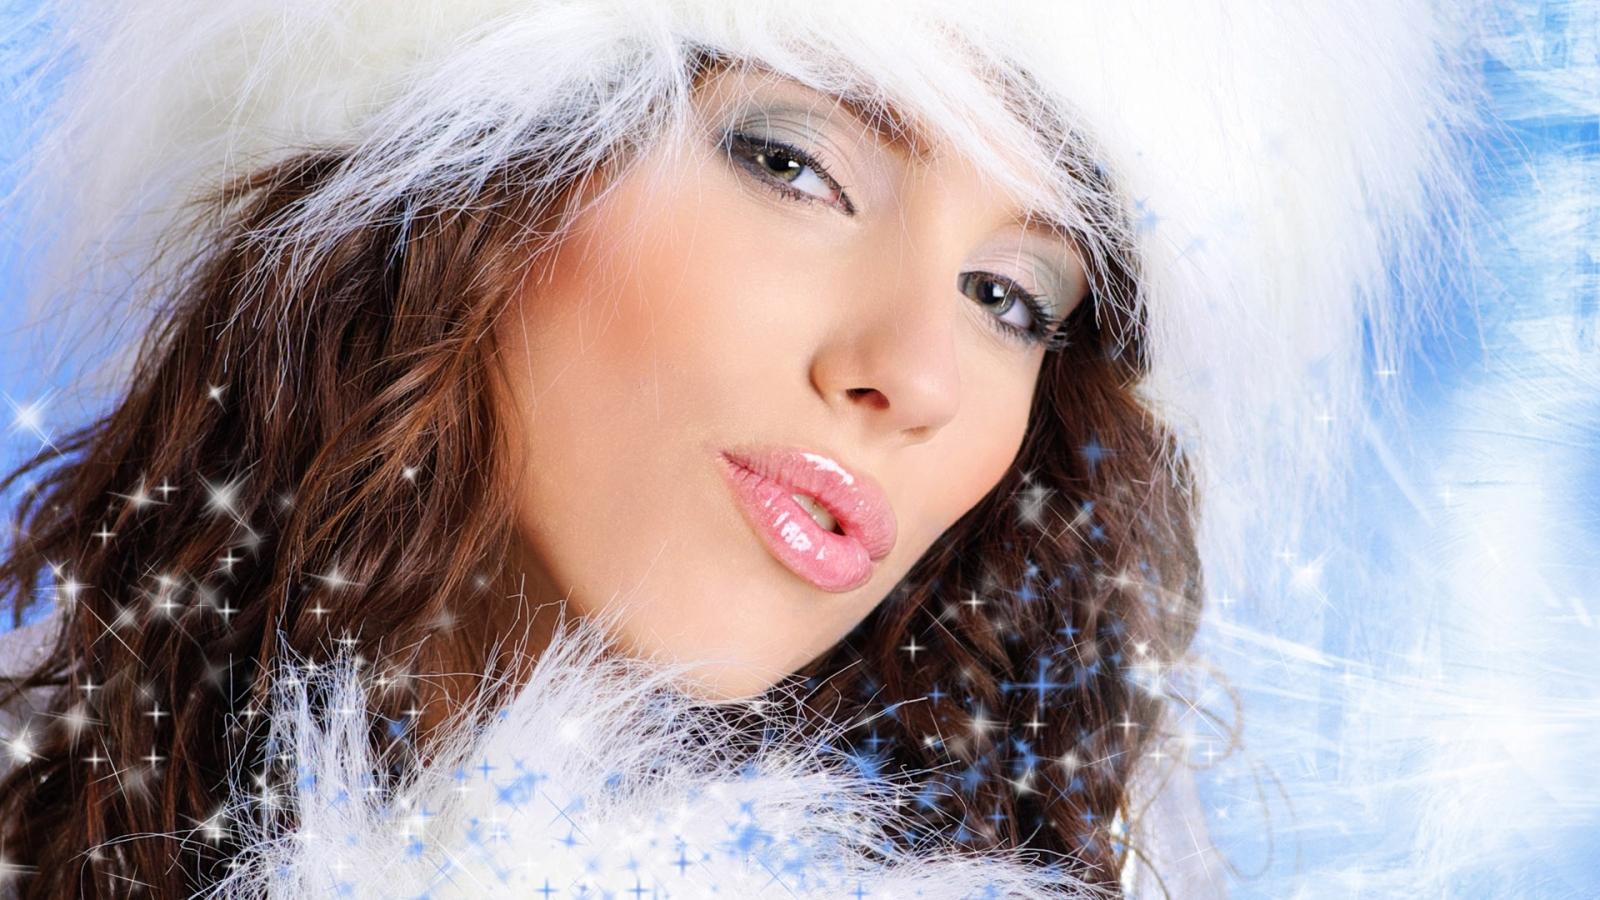 Bello rostro de mujeres en navidad - 1600x900